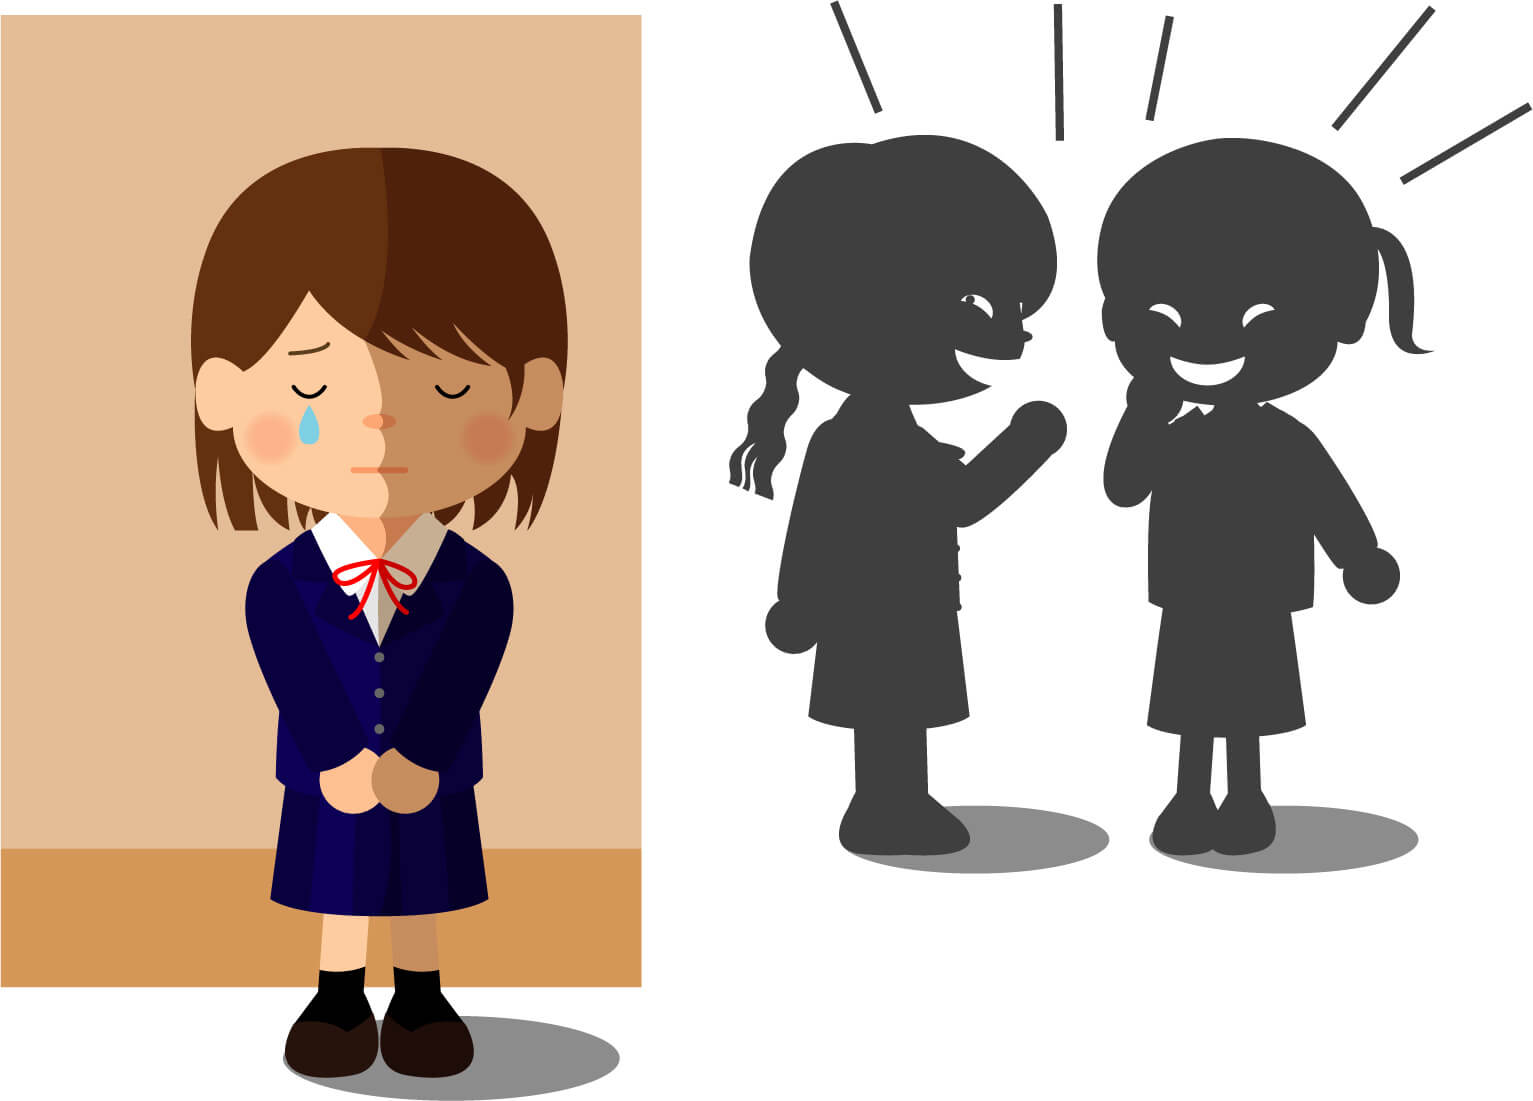 性格の悪さ診断〜自分の性格が悪いか良いかわかる心理テスト。自分が嫌われる性格かチェックしよう